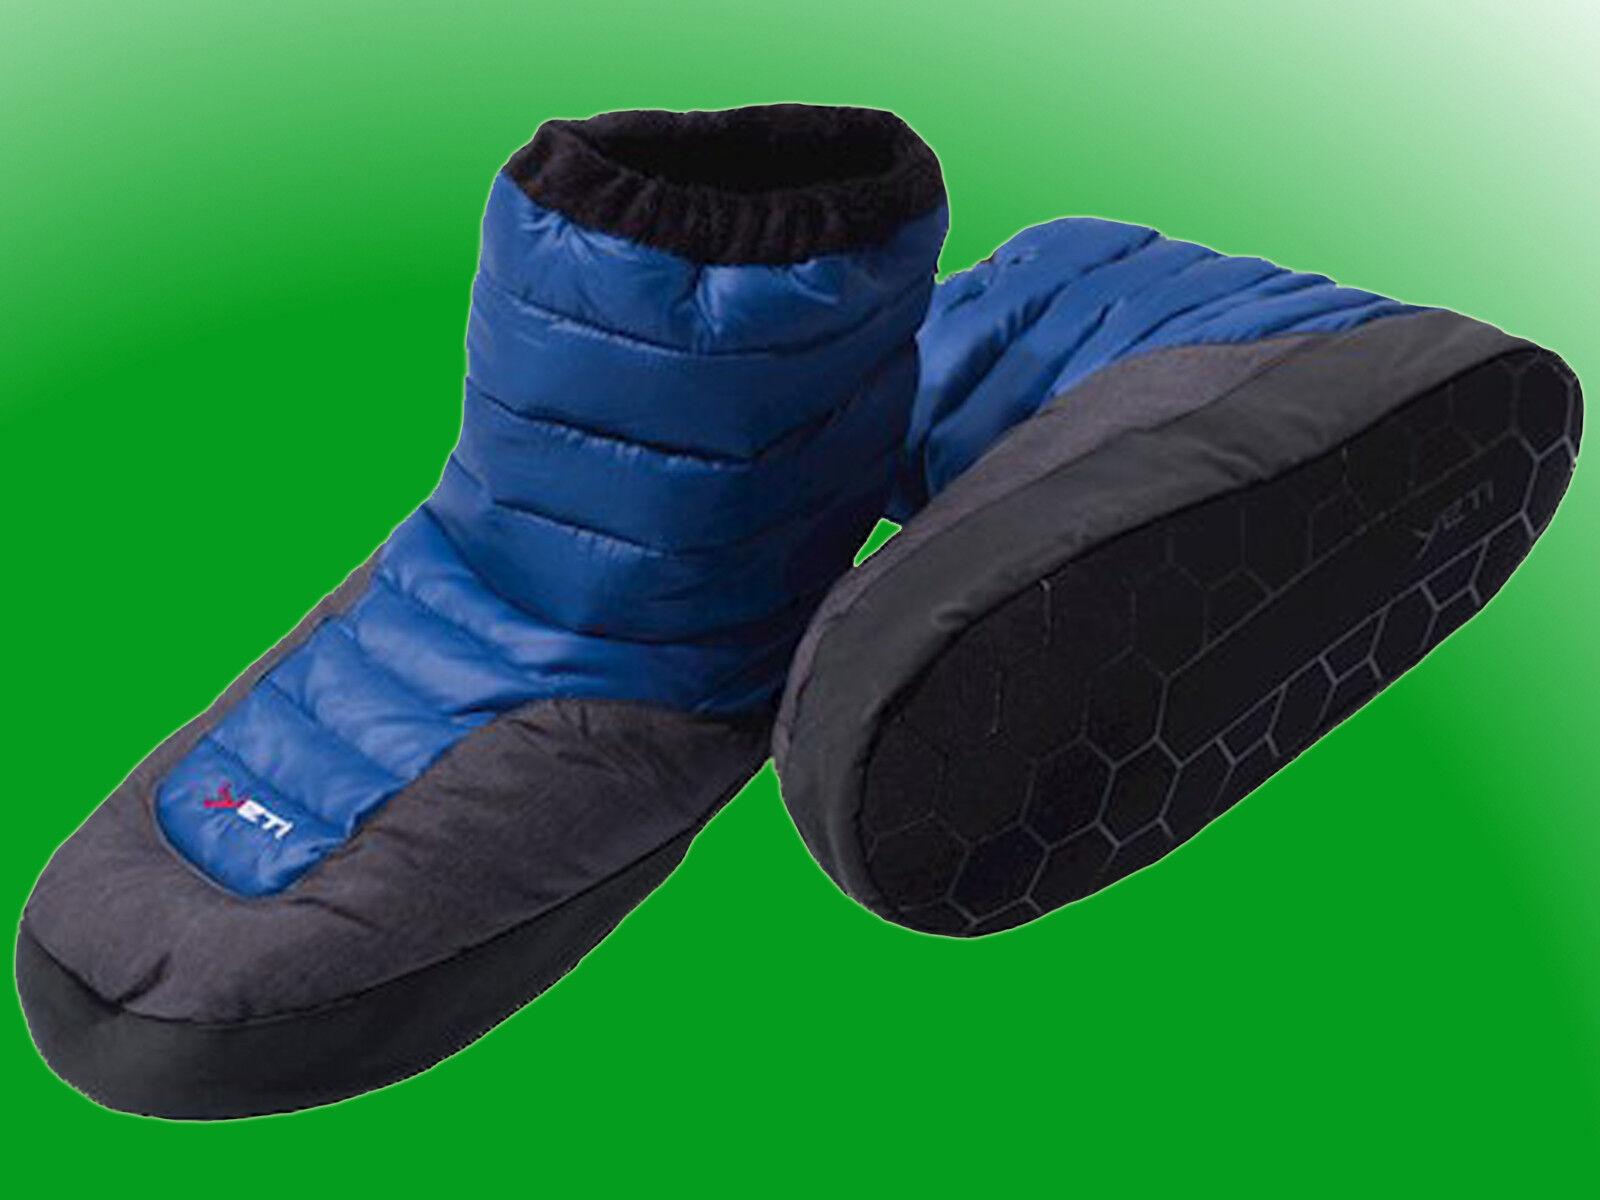 Yeti Sundown Daunenstiefel, Hüttenschuhe, Hausschuhe, Outdoor, Down Stiefel blau